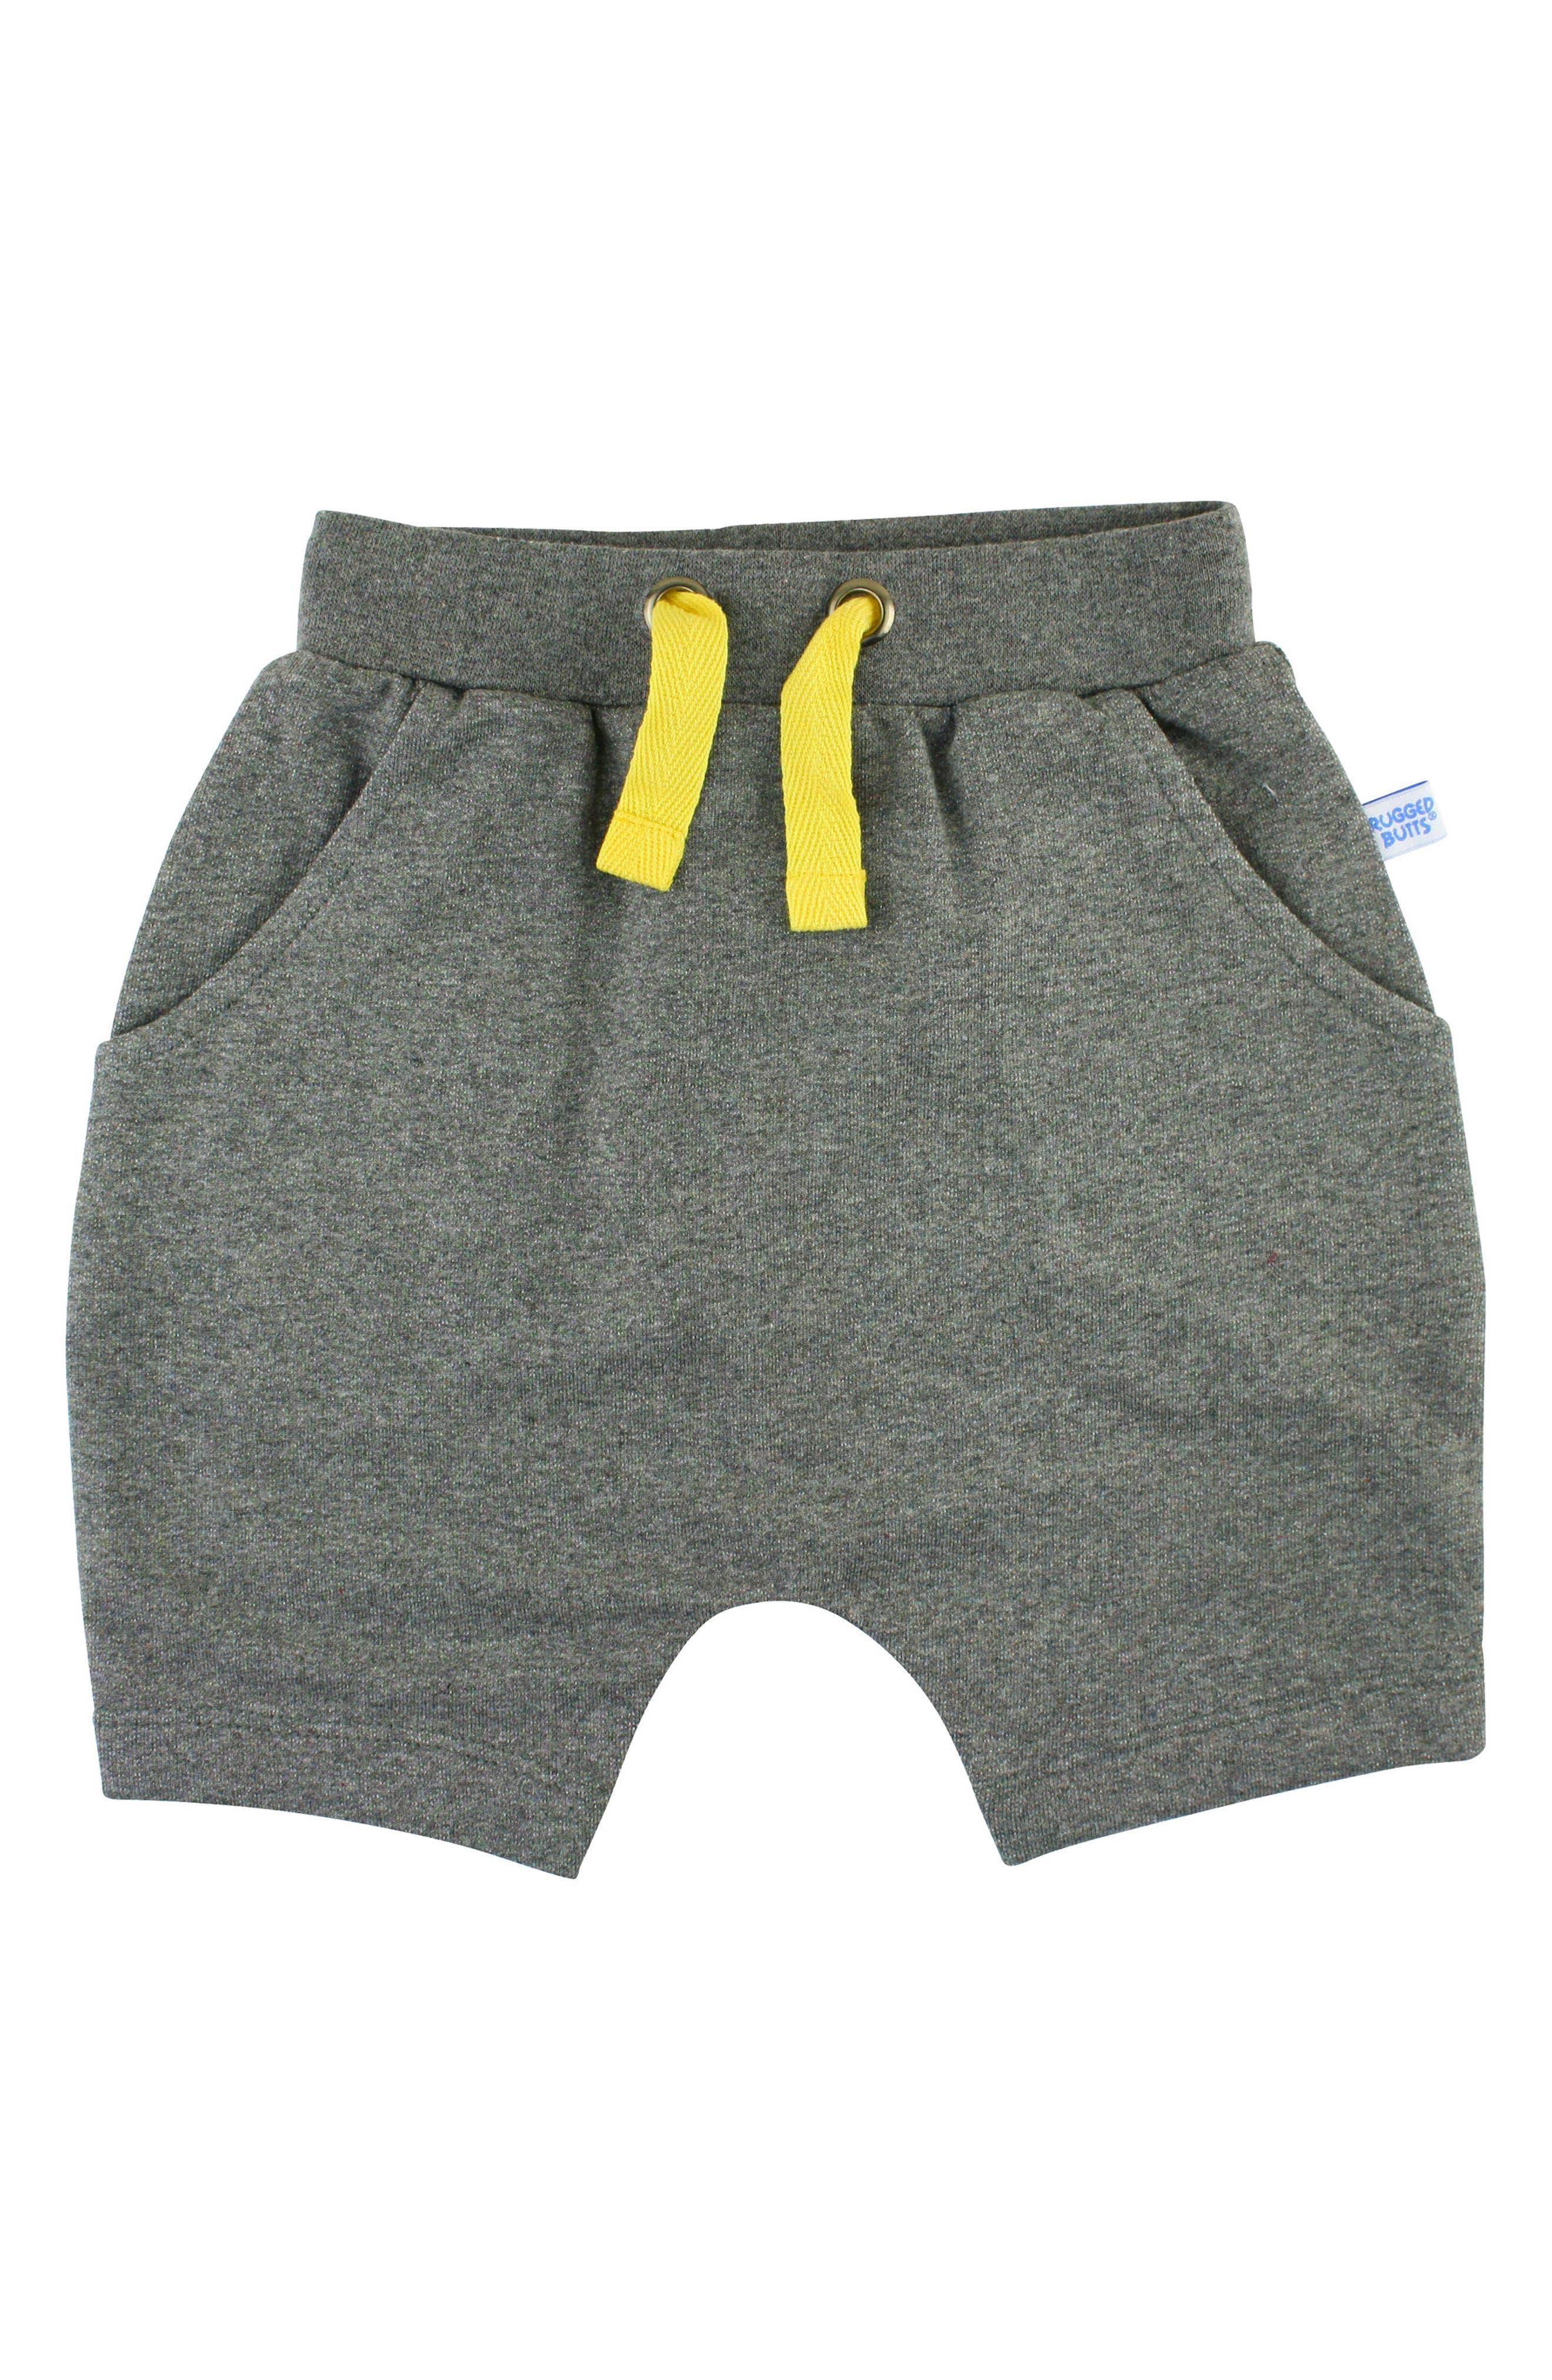 Jogger Shorts,                         Main,                         color, GRAY